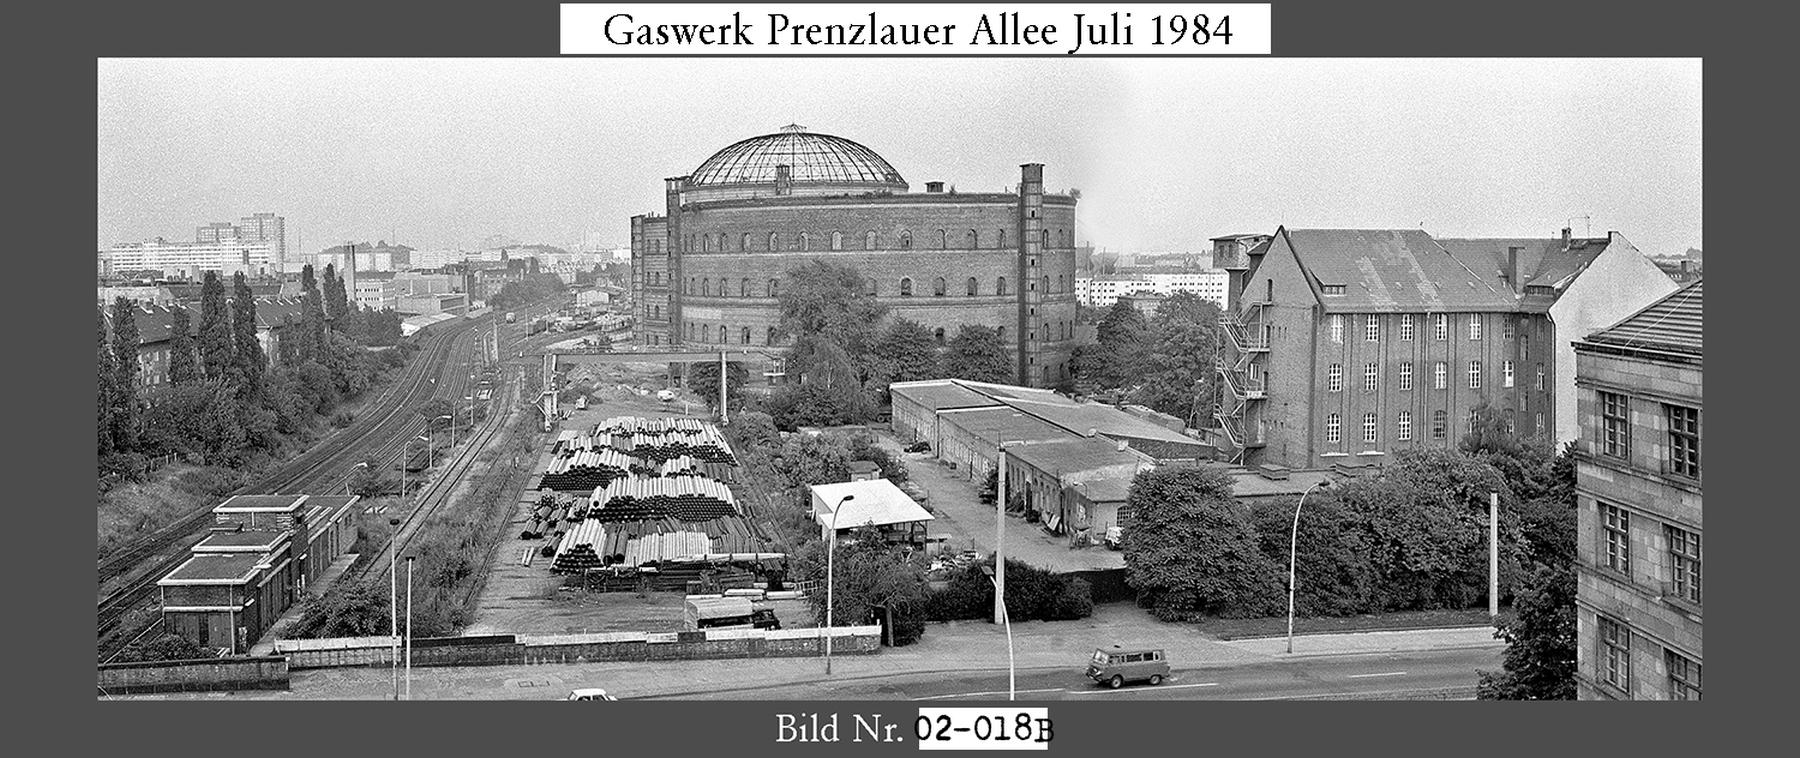 Nr02-018B_Gaswerk-Dimitroffstrasse-an-der-Prenzlauer-Allee-10.7.1984-